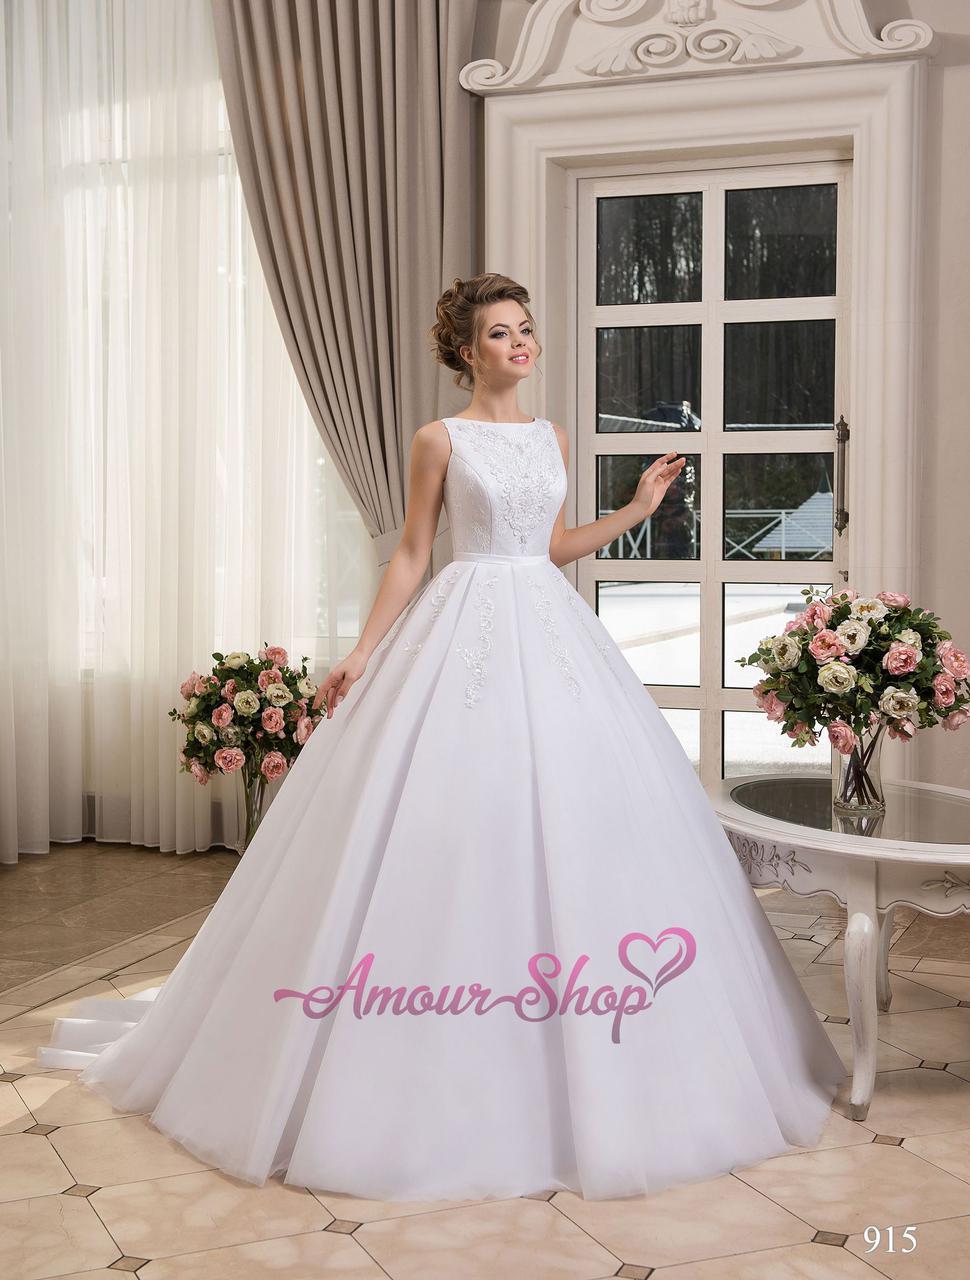 105b98fc875e976 Свадебное платье пышное со шлейфом. 915 - Магазин